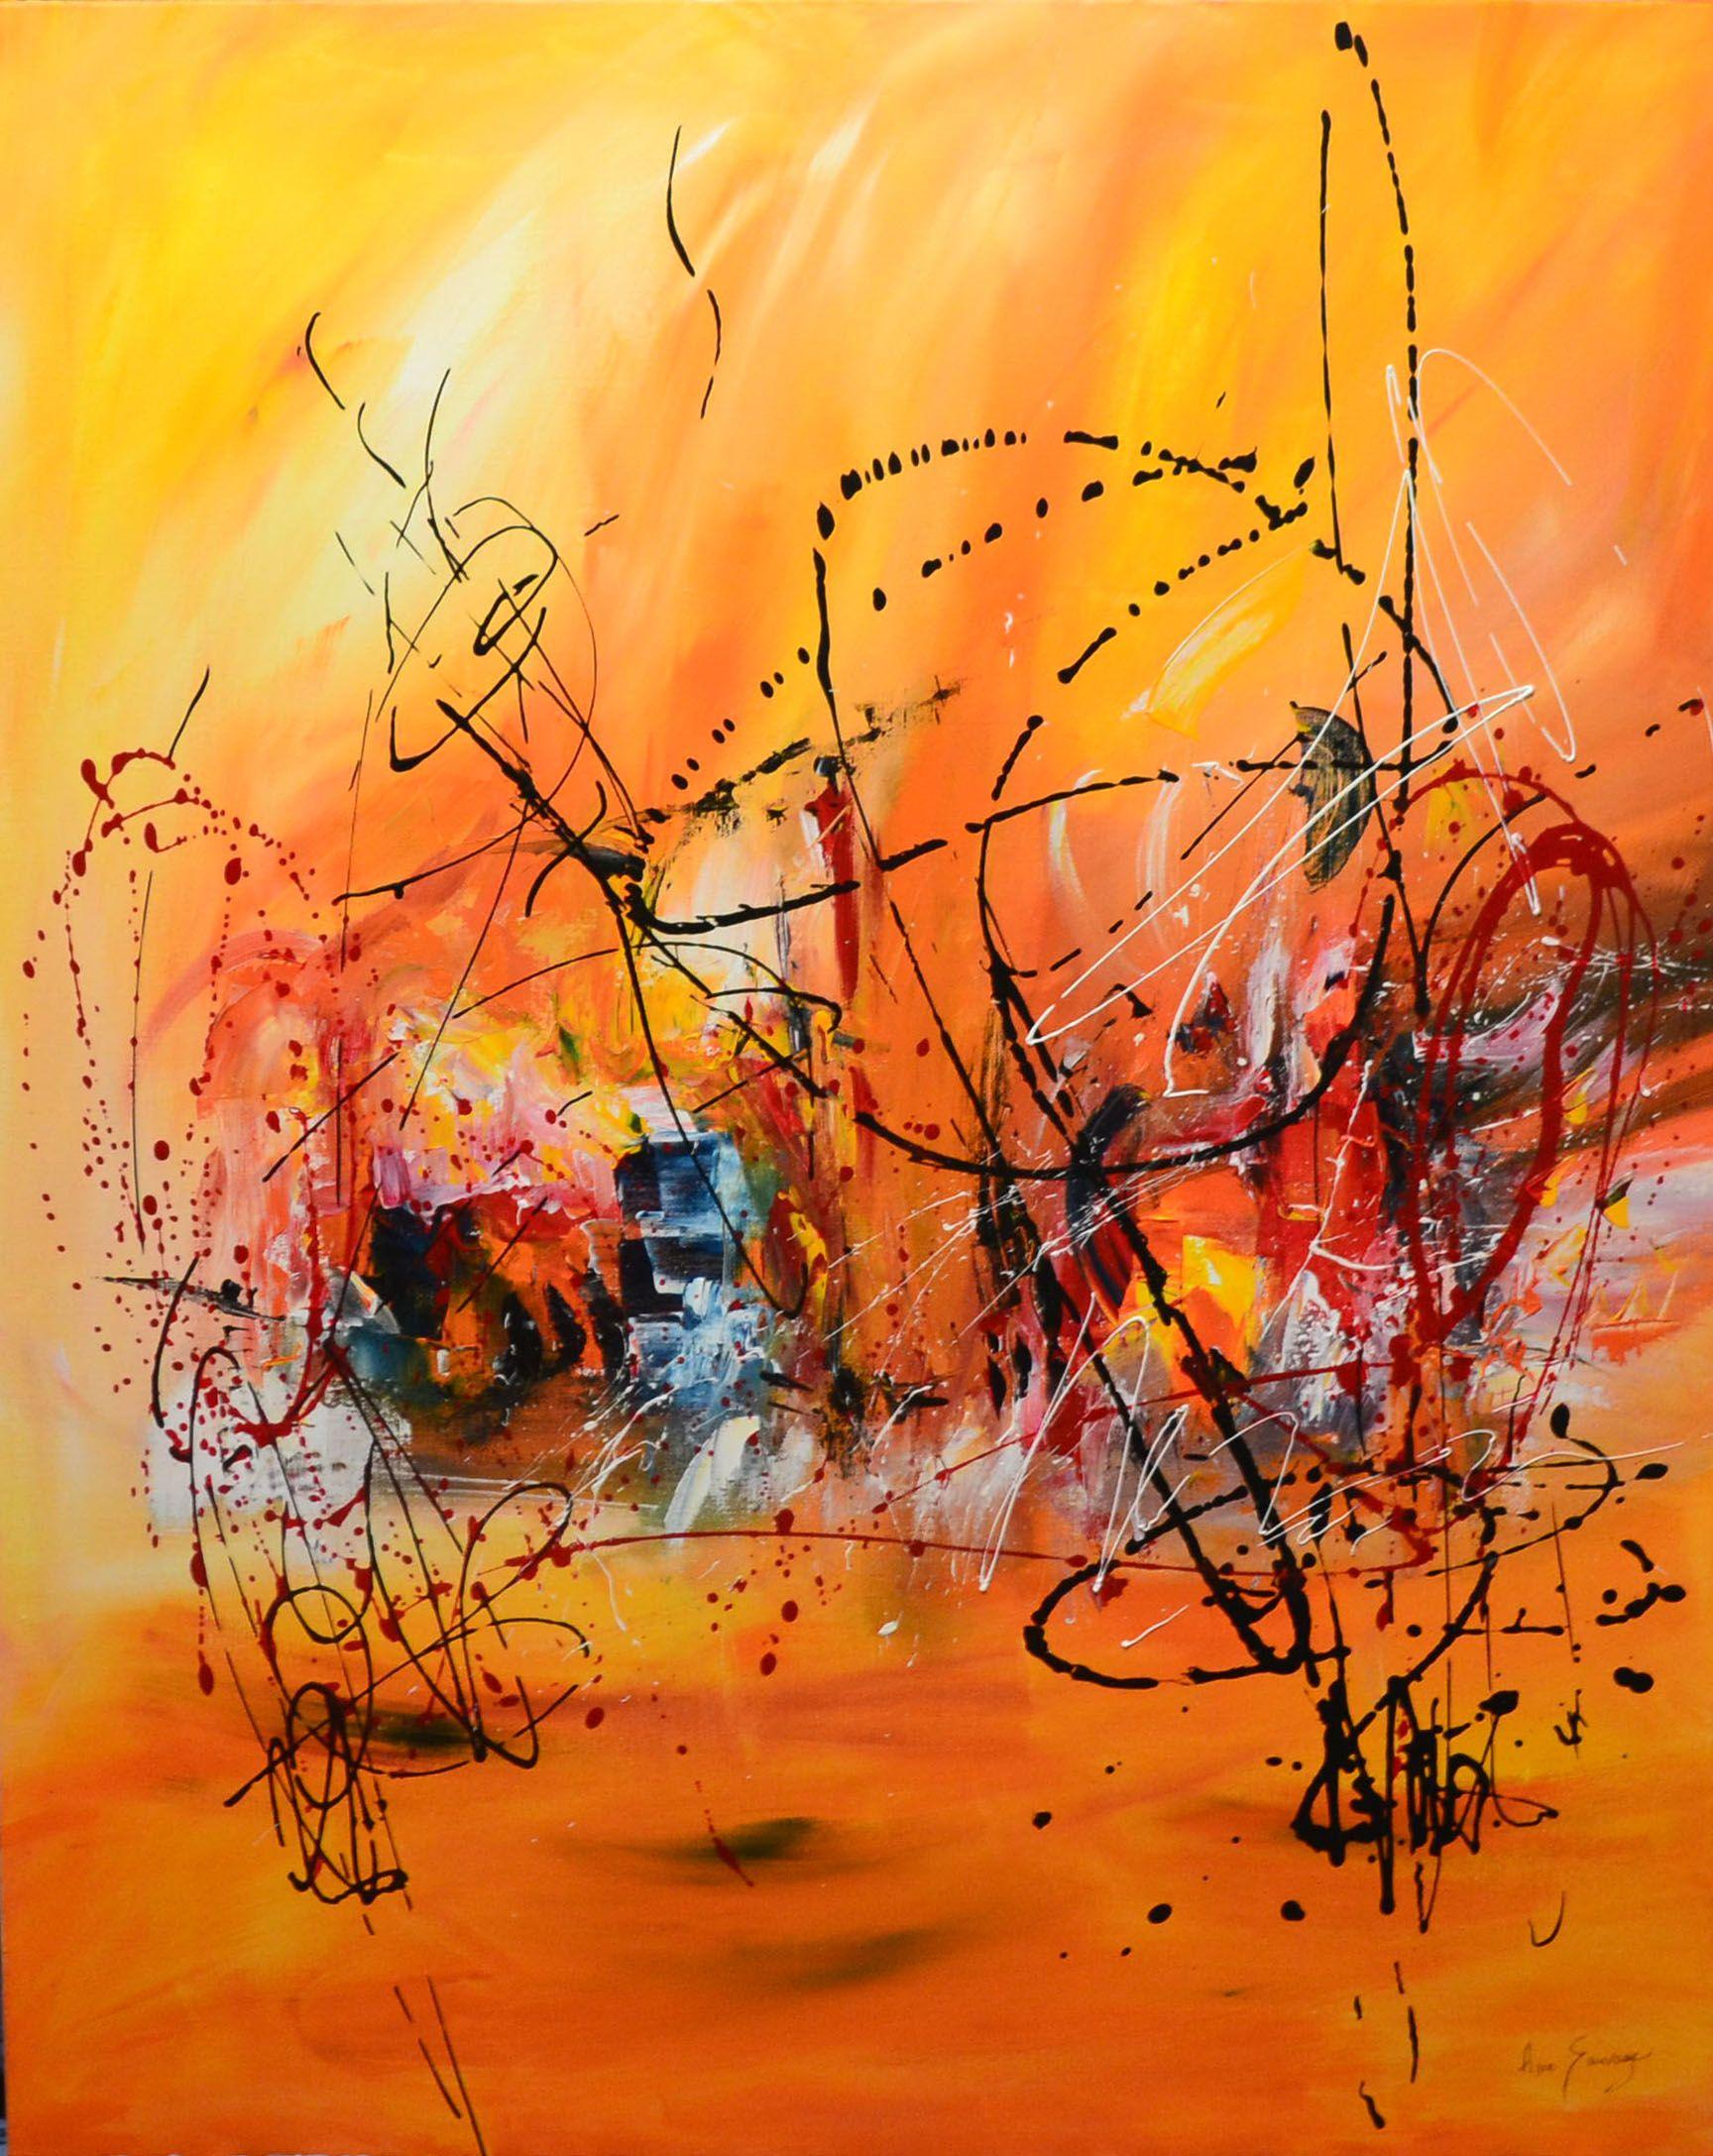 Tableau rouge et orange de grand format   Tableau abstrait, Abstrait, Grand  tableau